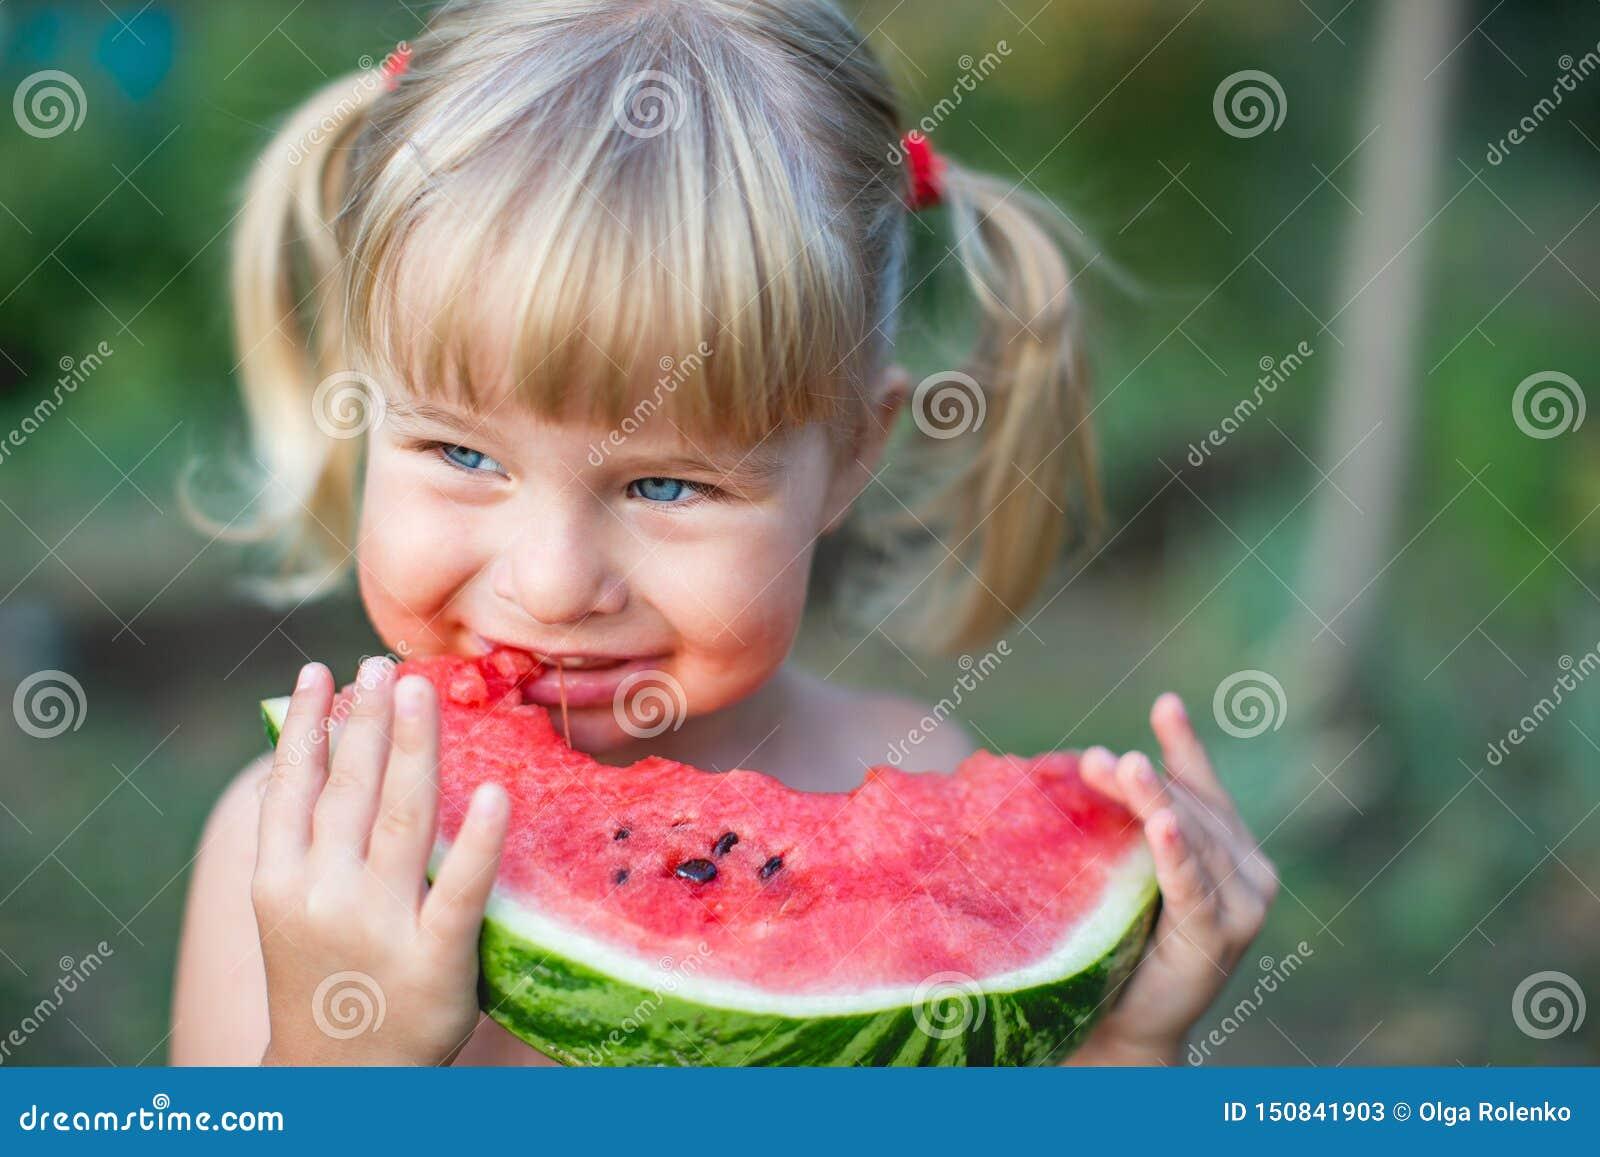 Stående av den härliga blonda lilla flickan med två hästsvansar som äter vattenmelon